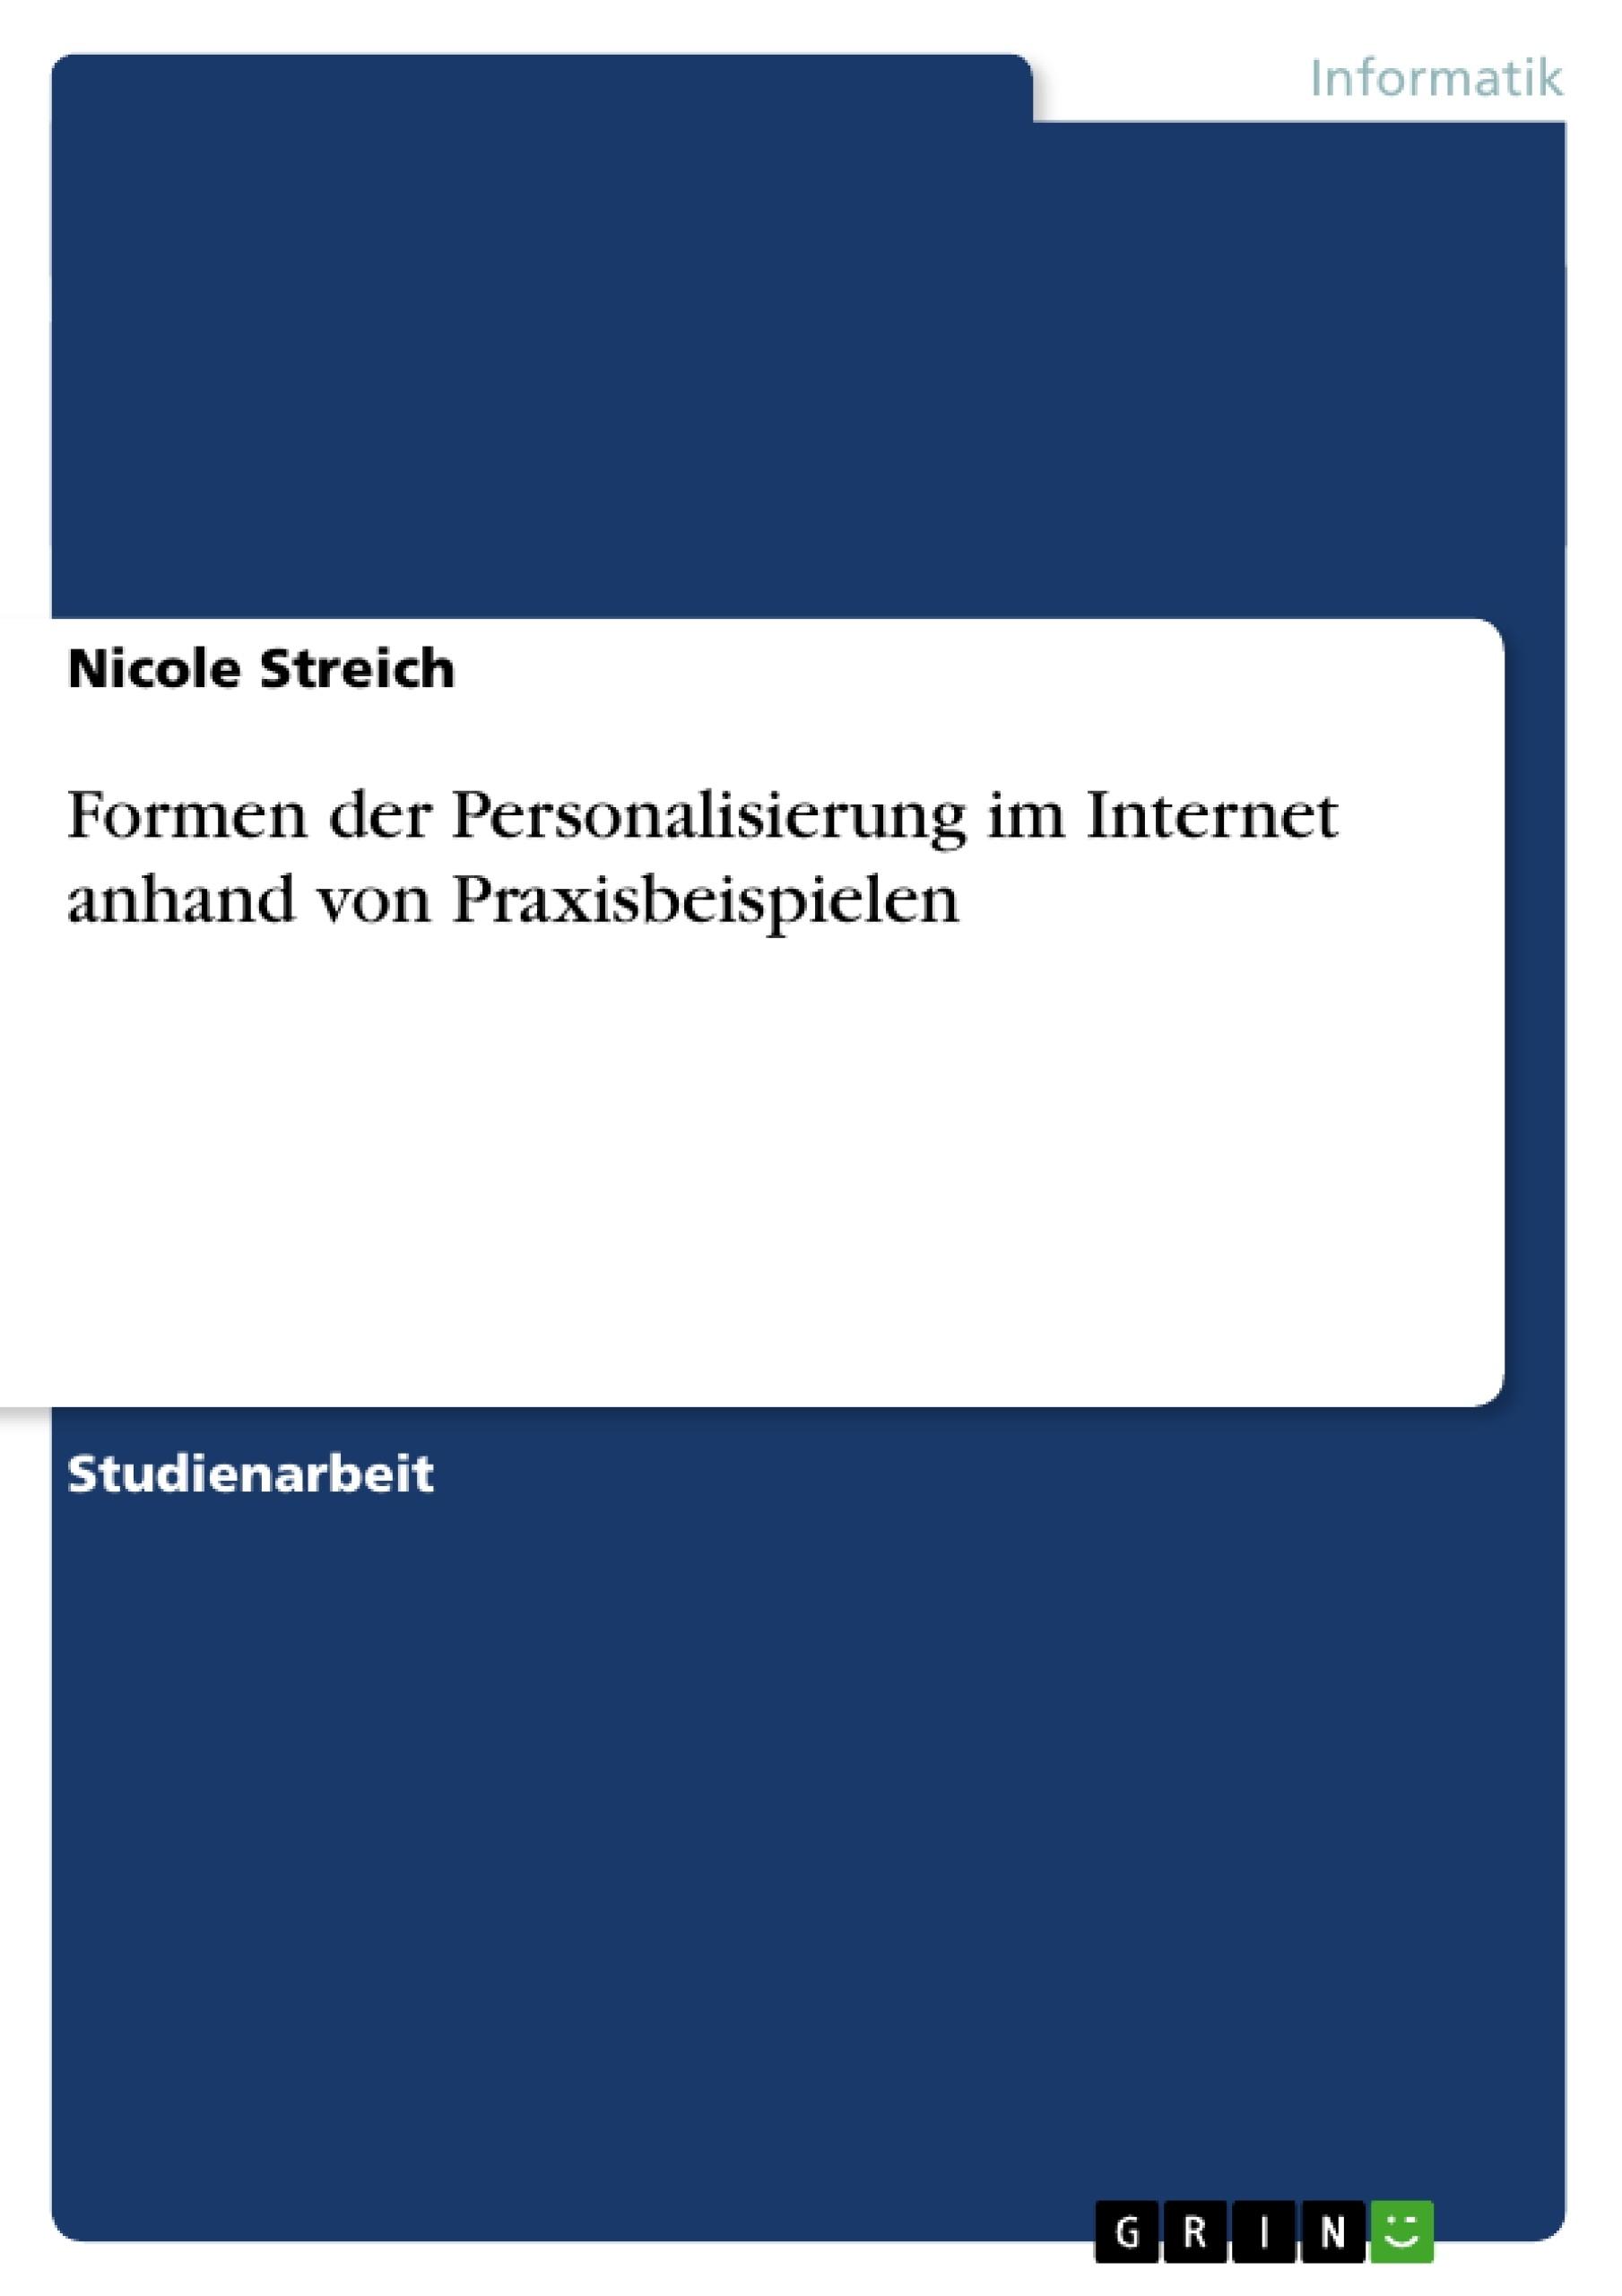 Titel: Formen der Personalisierung im Internet anhand von Praxisbeispielen